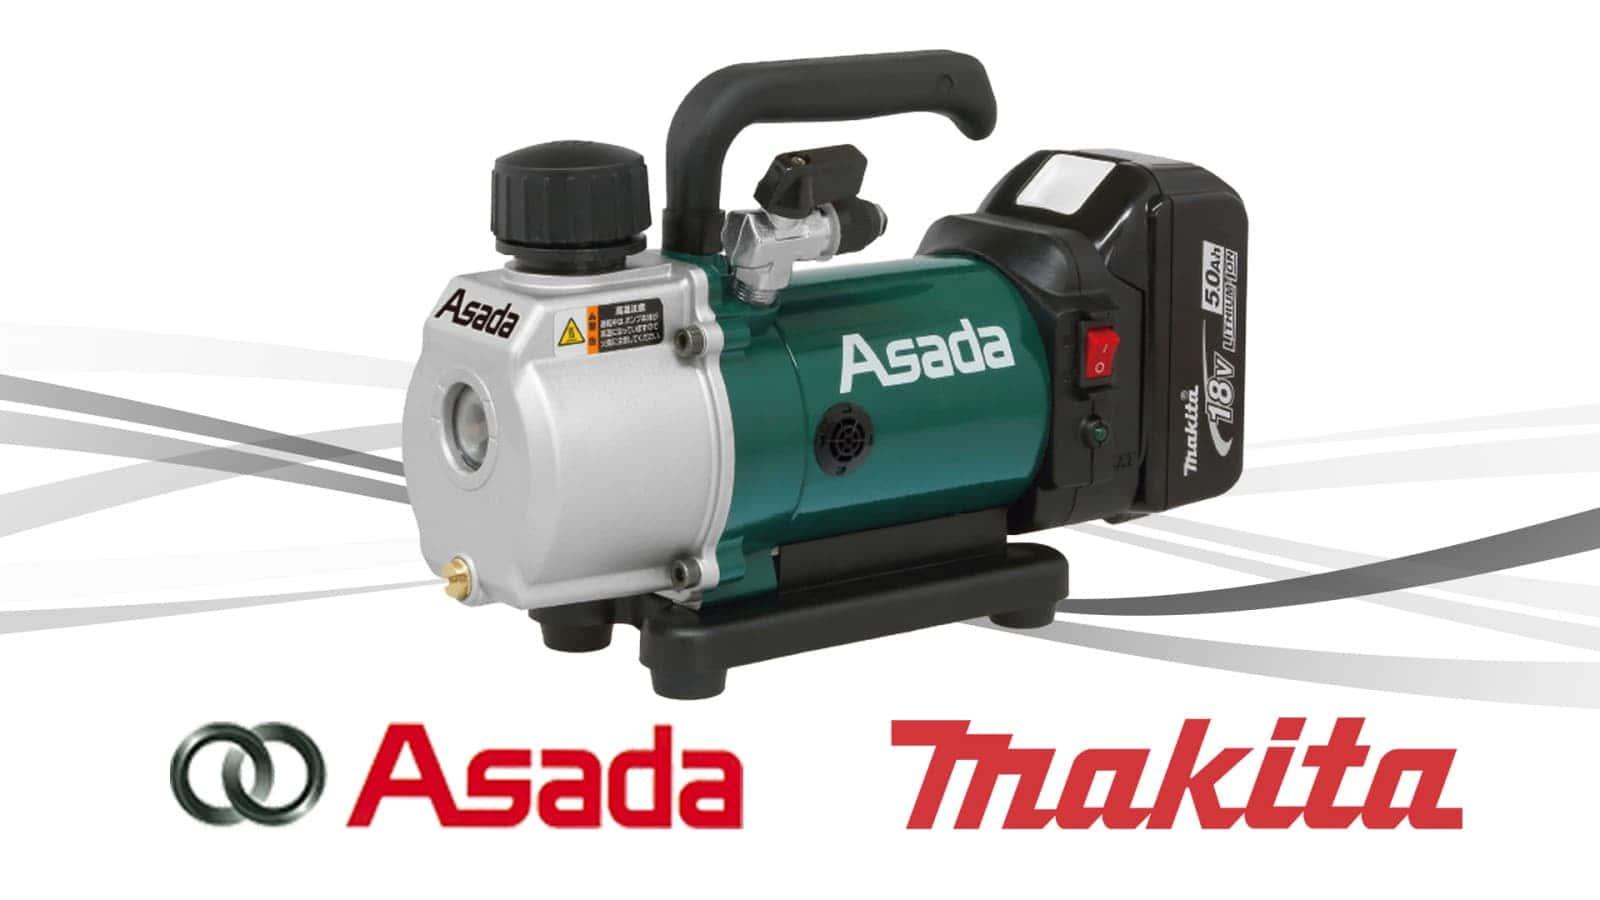 アサダ 1.5CFM マキタ18V互換充電式真空ポンプ、VP180D同等品